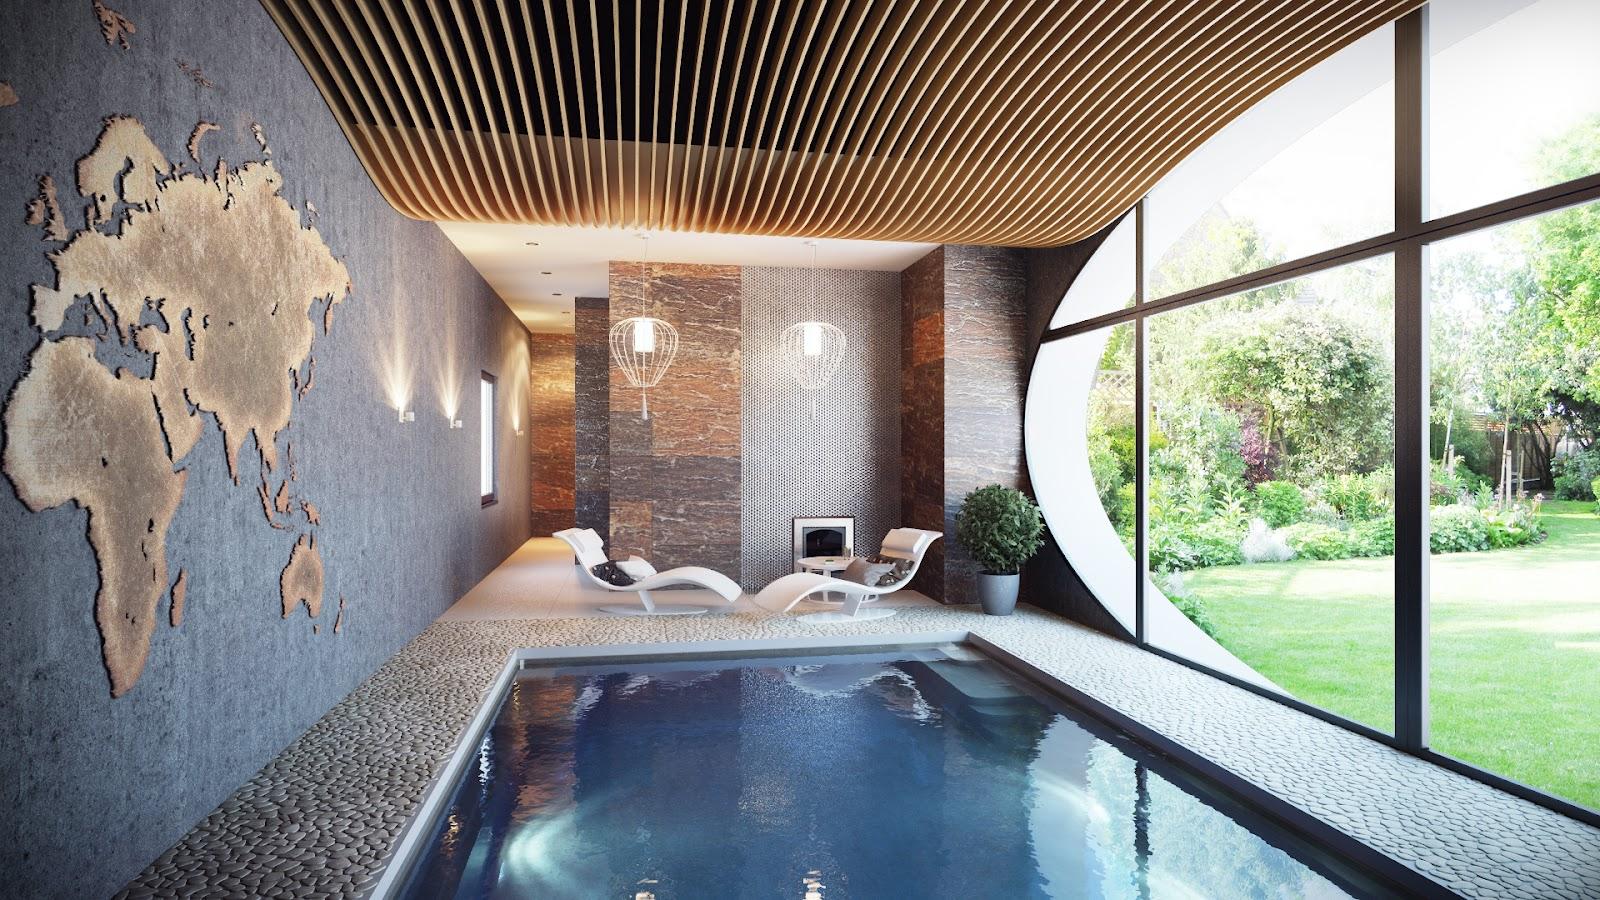 tempat+relaksasi+rumah+modern Desain Rumah Modern Dari Karya Brilian Arsitektur Uglyanitsa Alexander